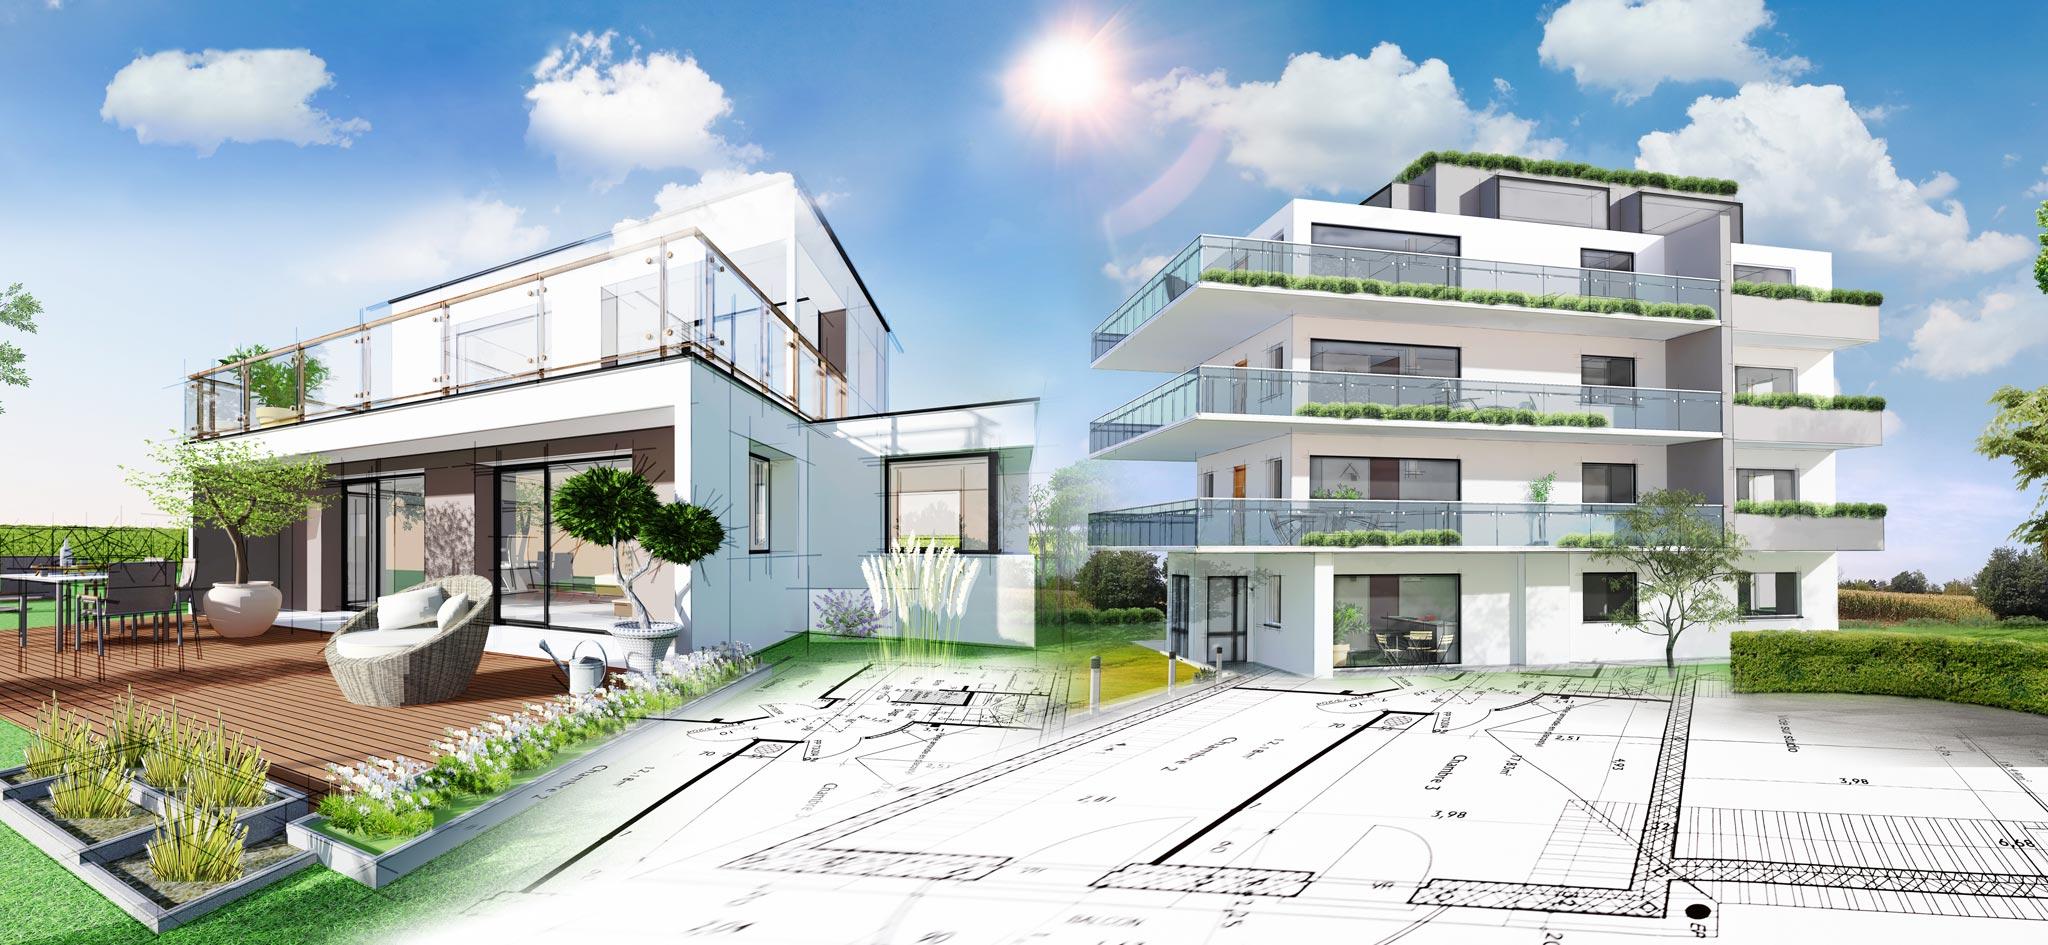 trihaus-bauen-8